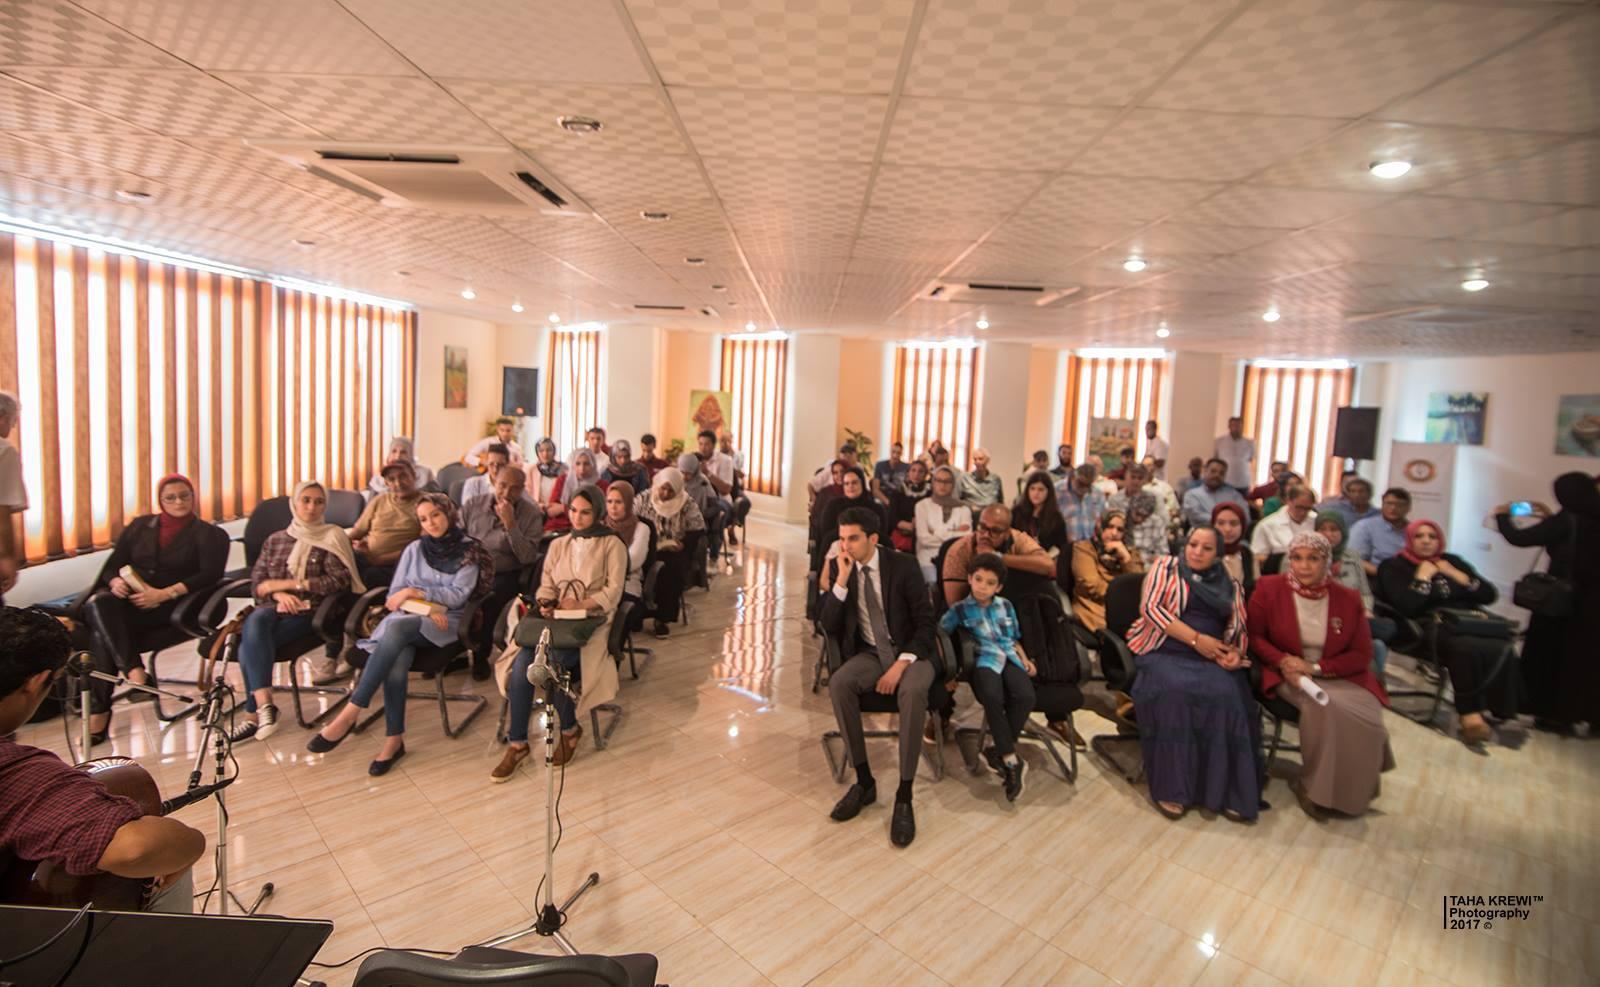 """Photo of عرس ثقافي في بنغازي عن """"شمس على نوافذ مغلقة"""""""